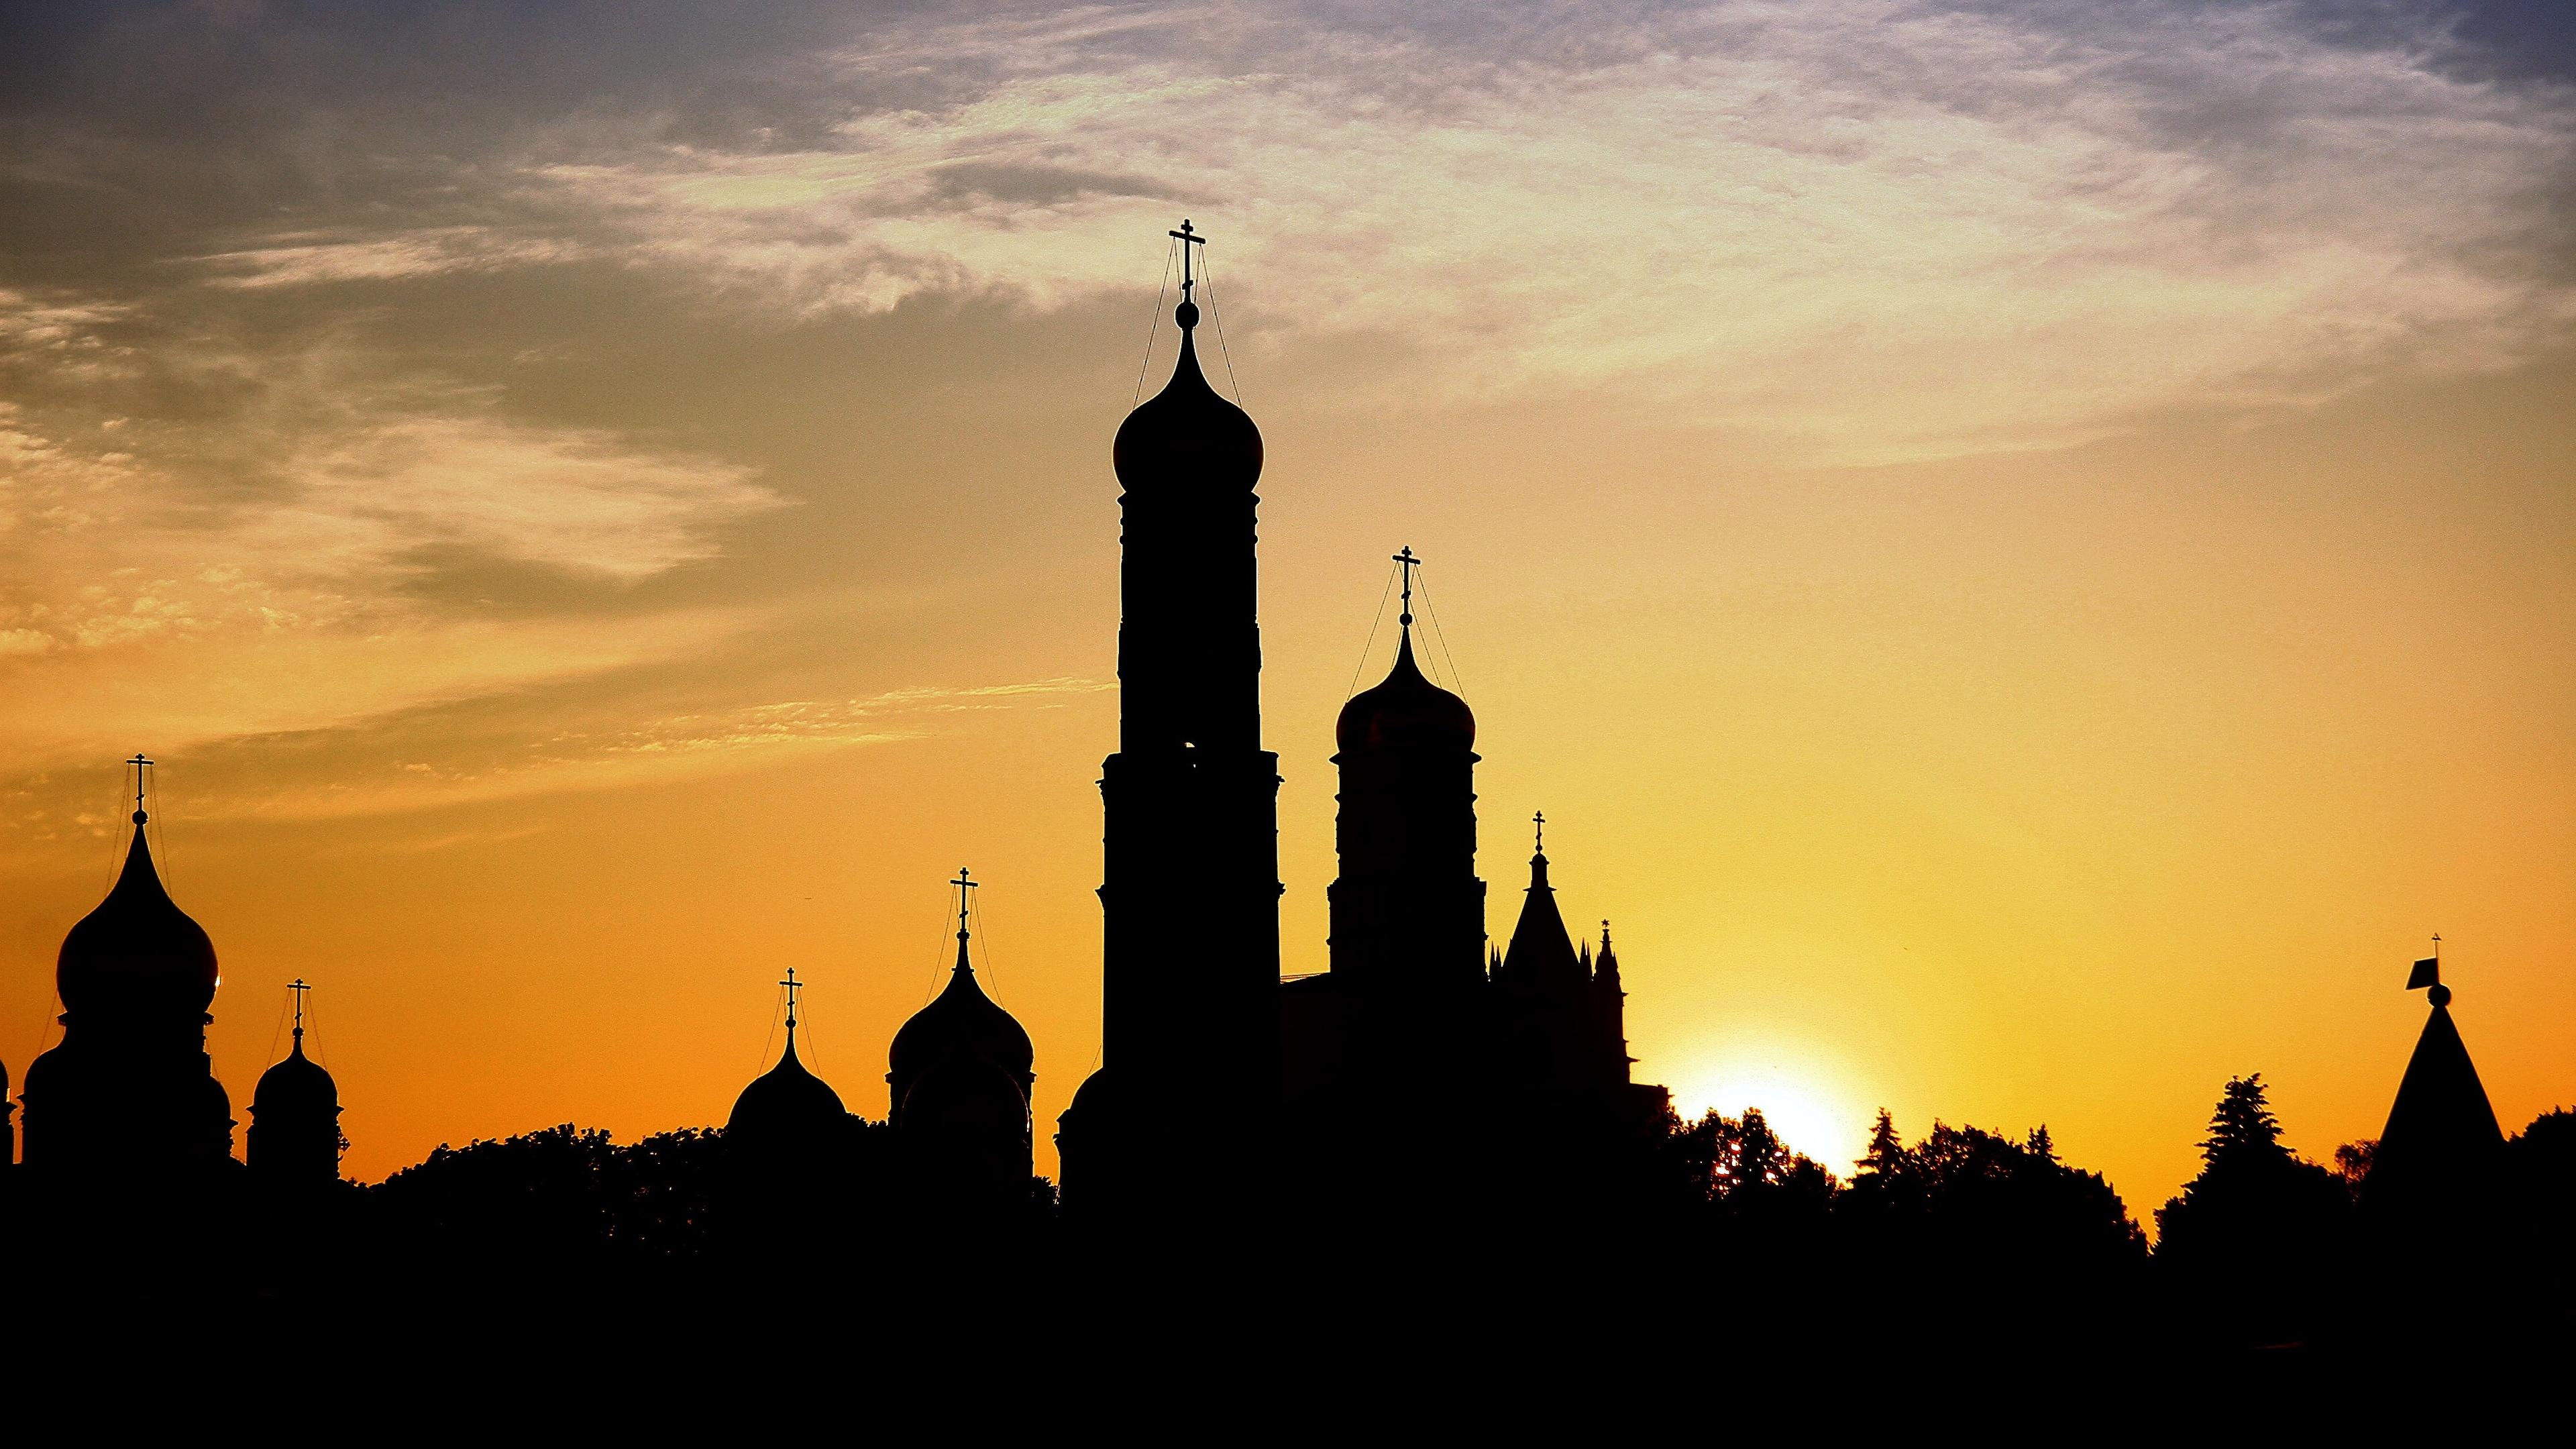 Фотография Церковь силуэта Купол рассвет и закат Города 3840x2160 Силуэт силуэты купола Рассветы и закаты город